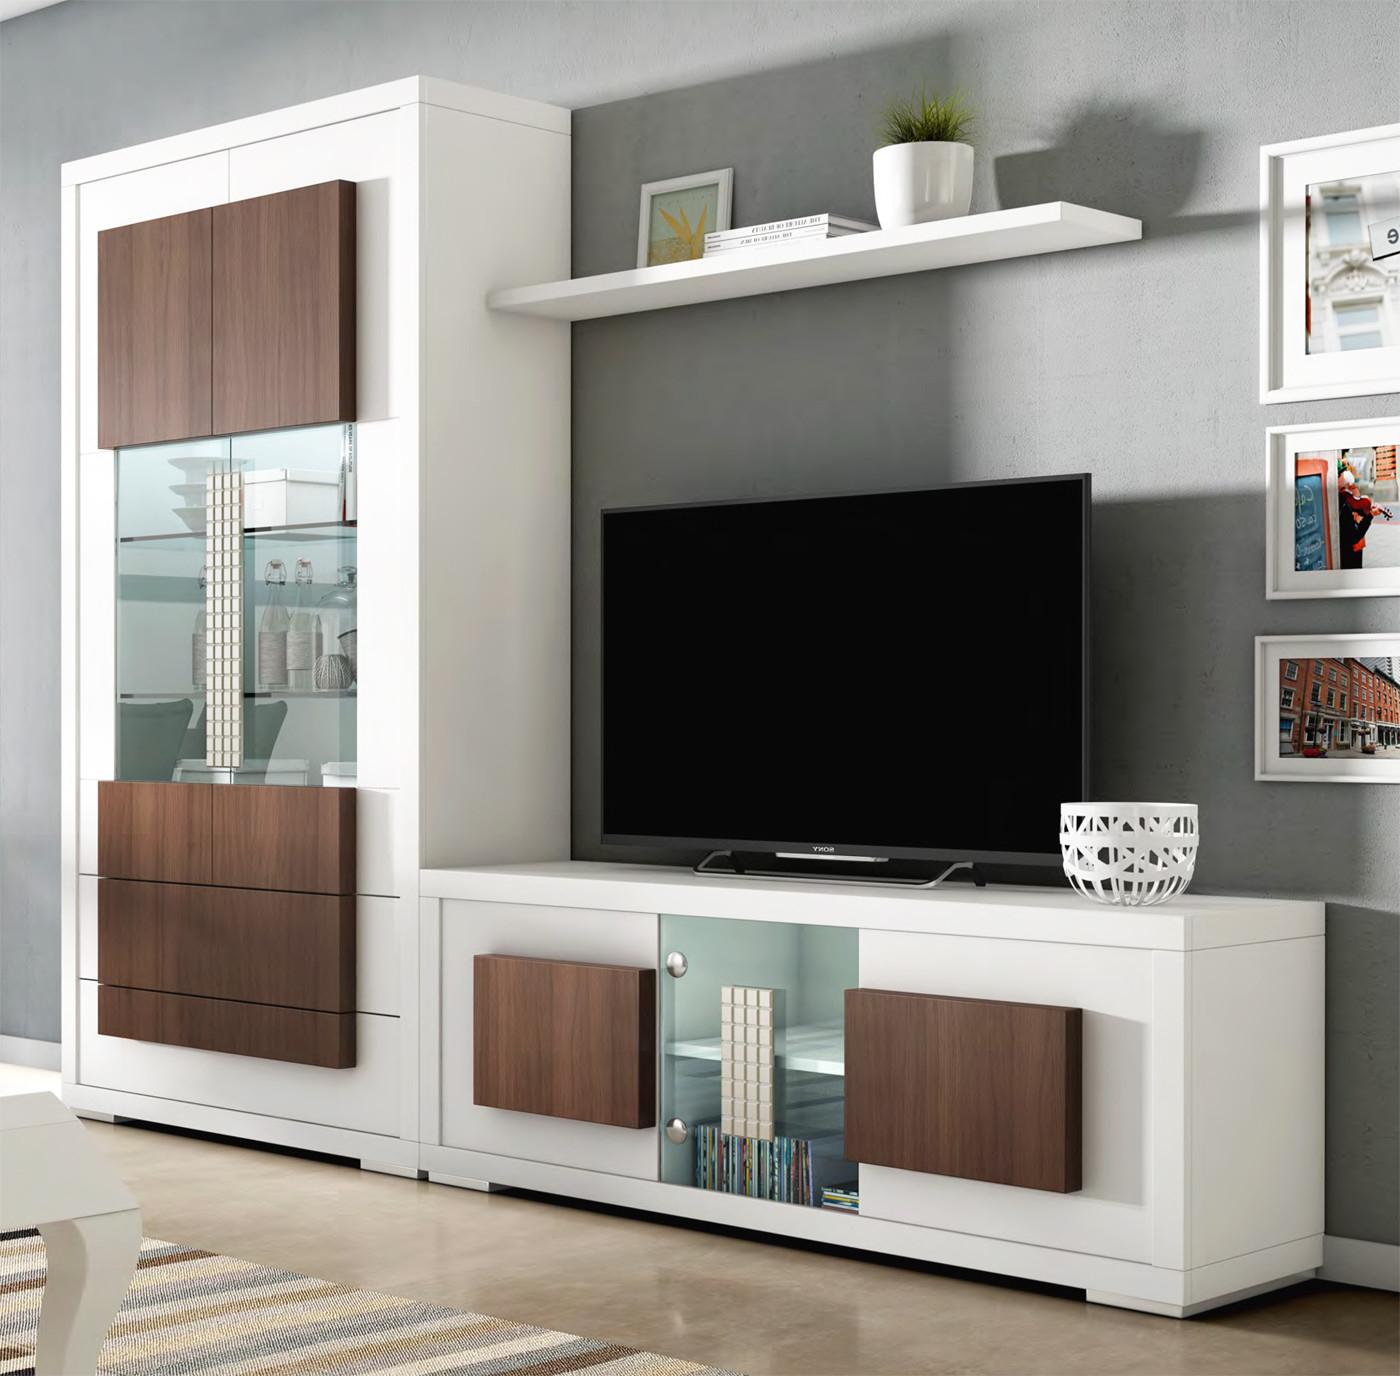 Mobiliario Salon Jxdu Vitrina Y Mueble De Televisià N Modernos Para Salones Y Edores